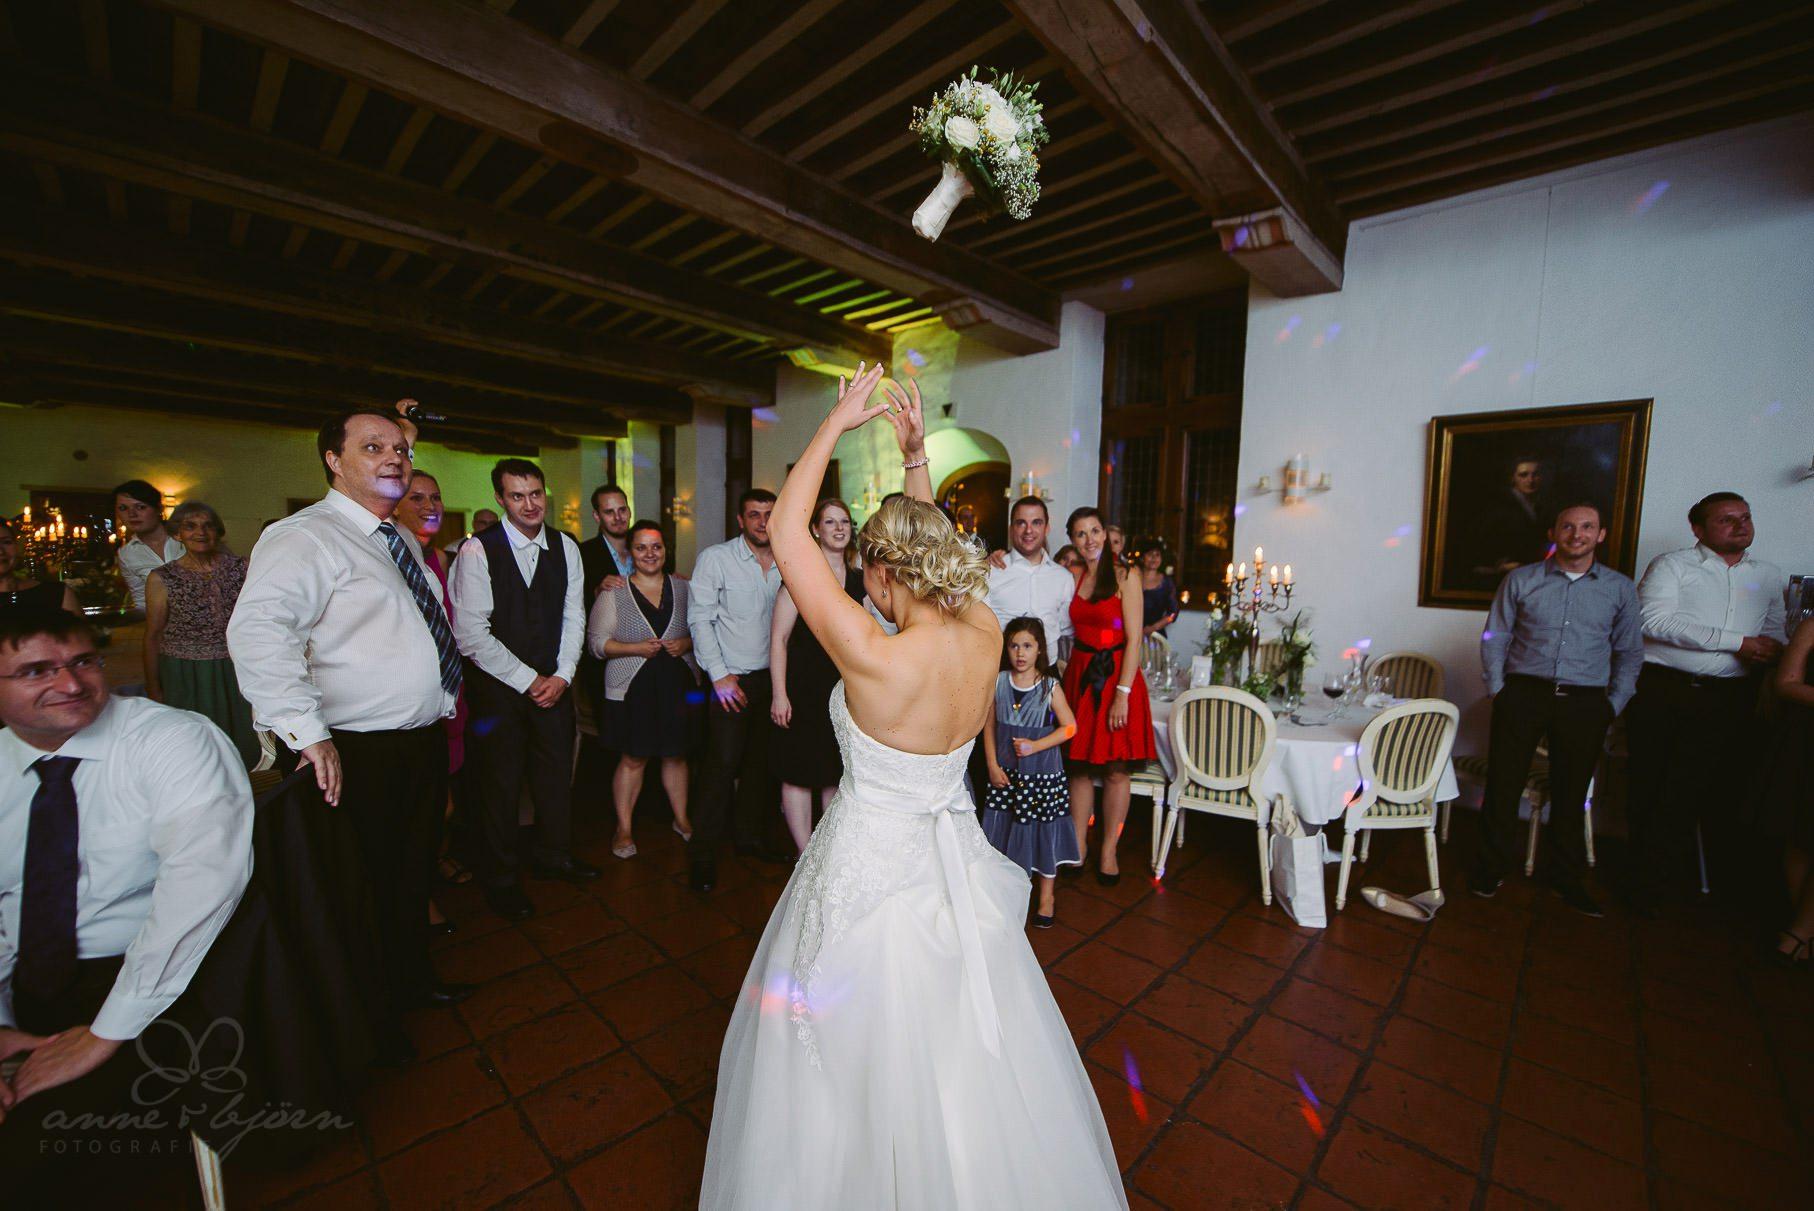 0069 euo 812 2407 - Hochzeit im Schloss Reinbek - Elvira & Olaf